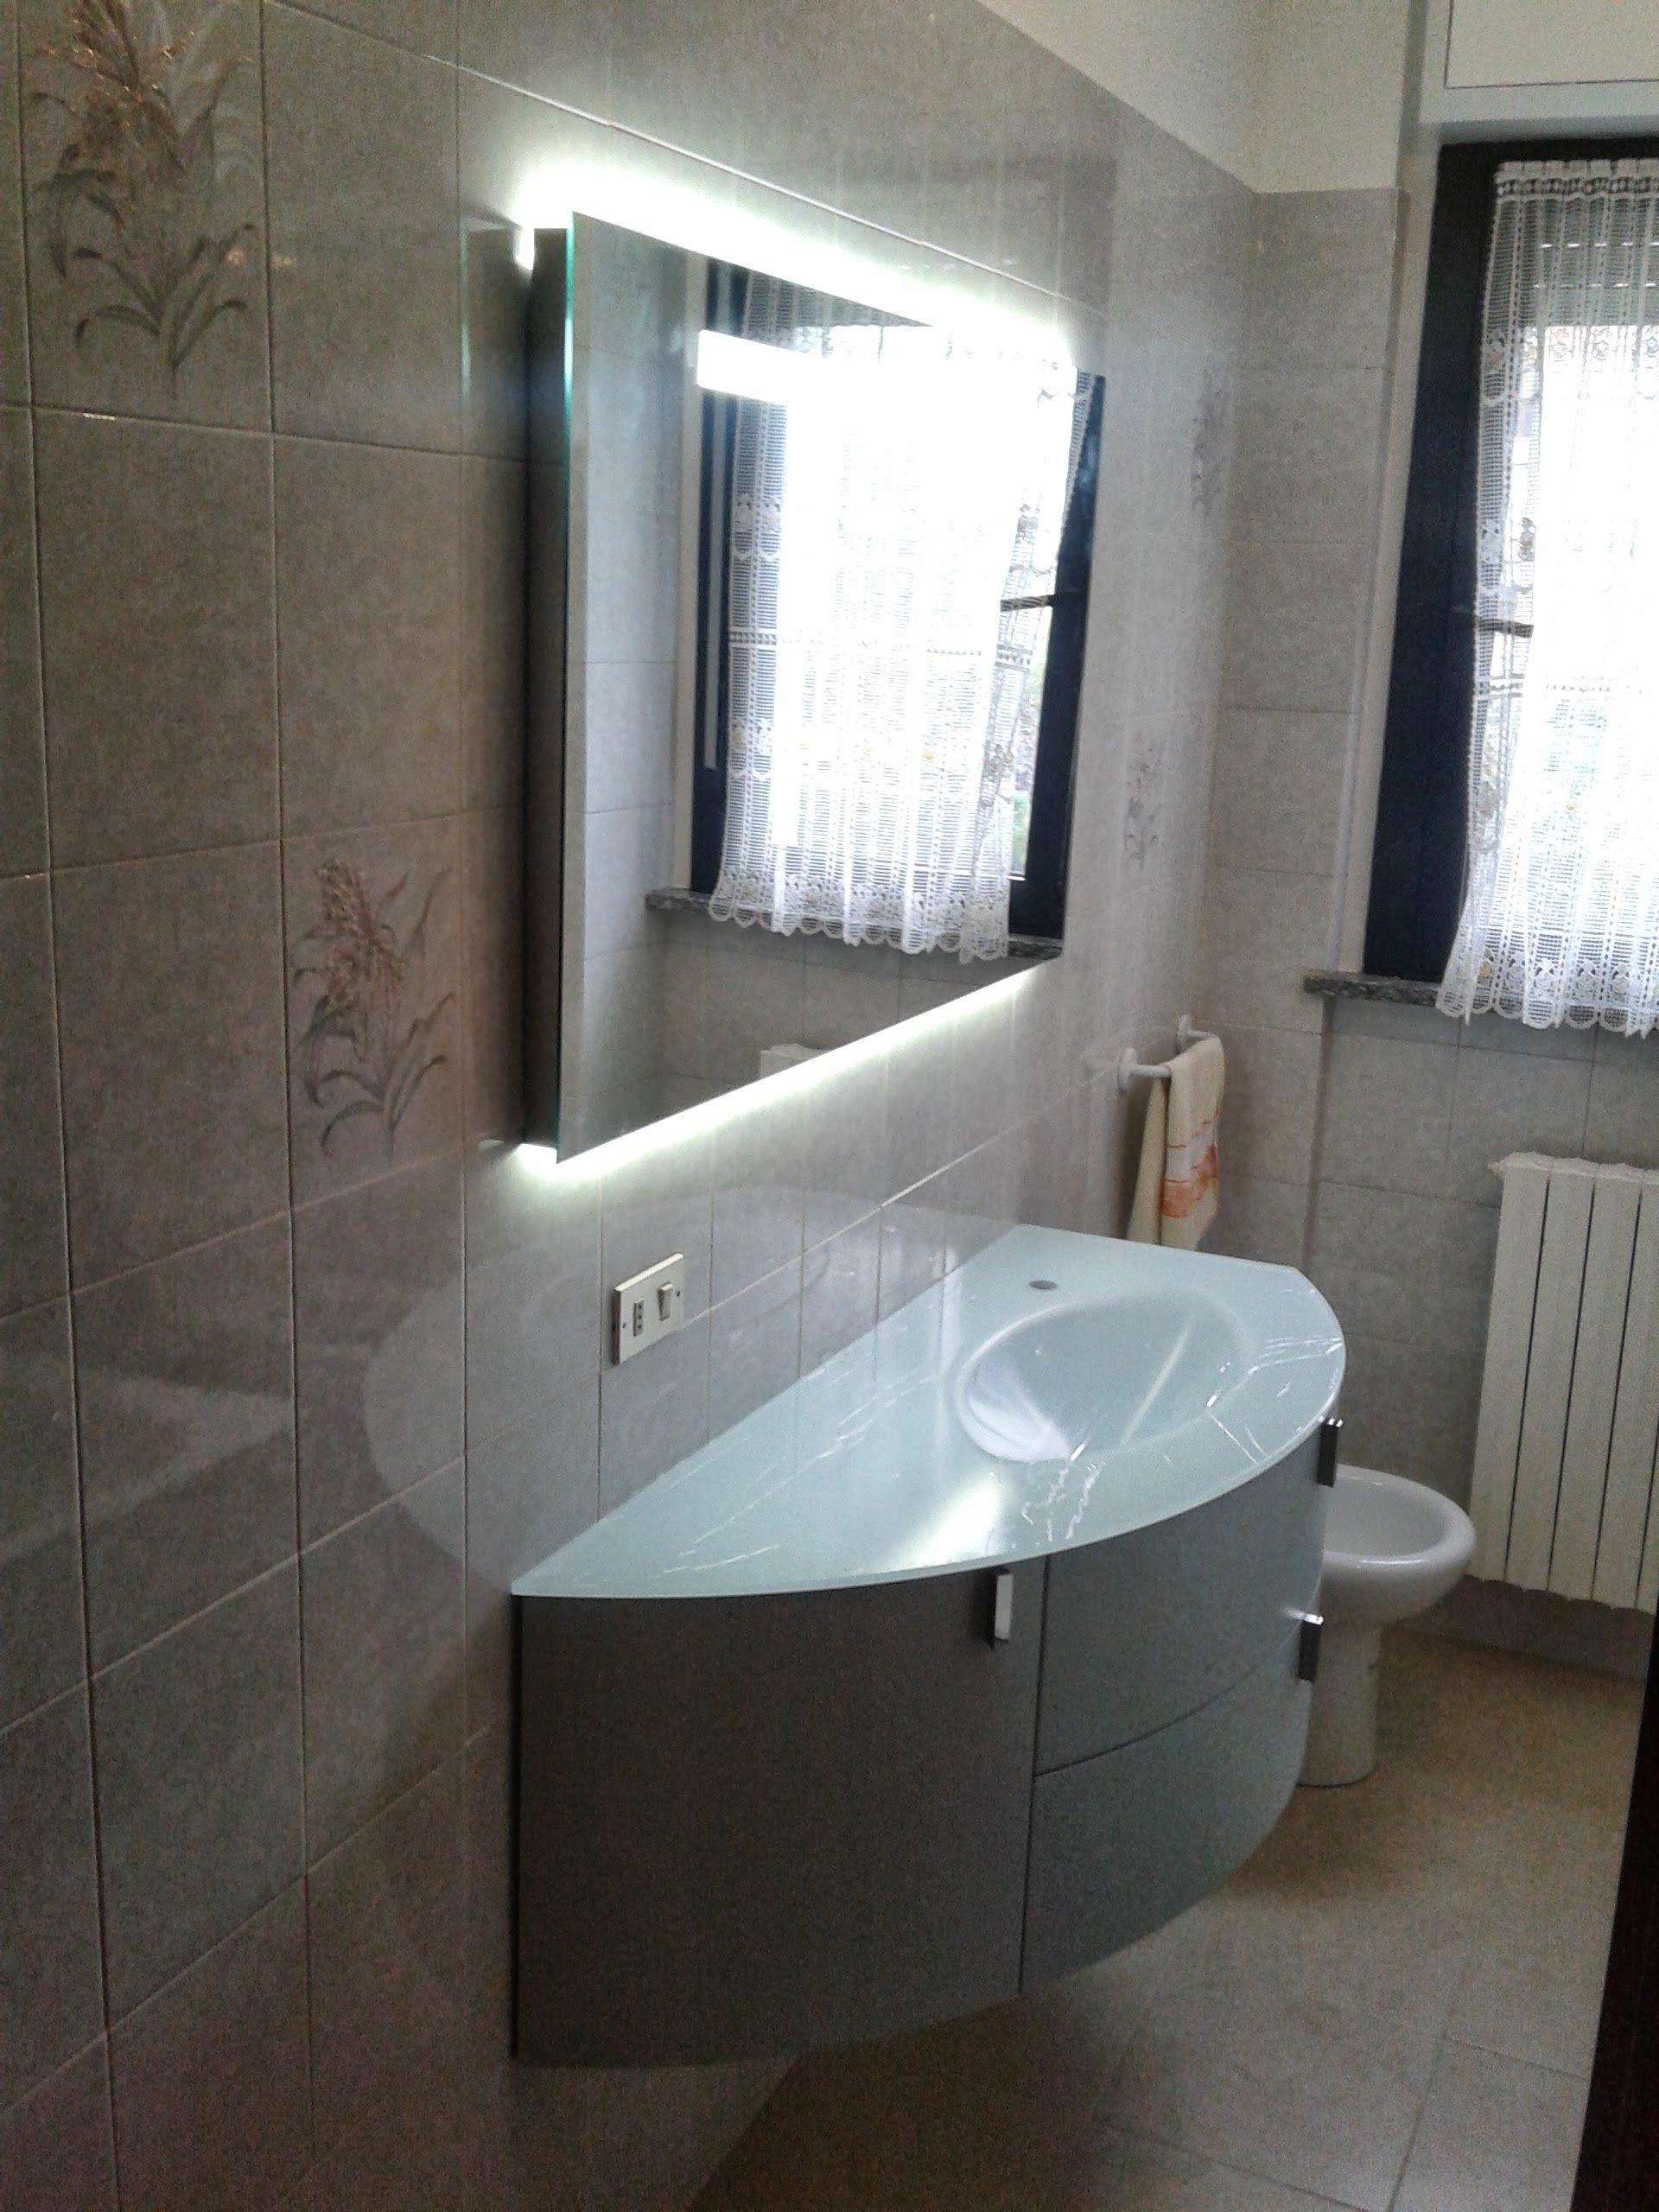 Idea group city laccato opaco arredo bagno a prezzi scontati - Mobile bagno moon ...